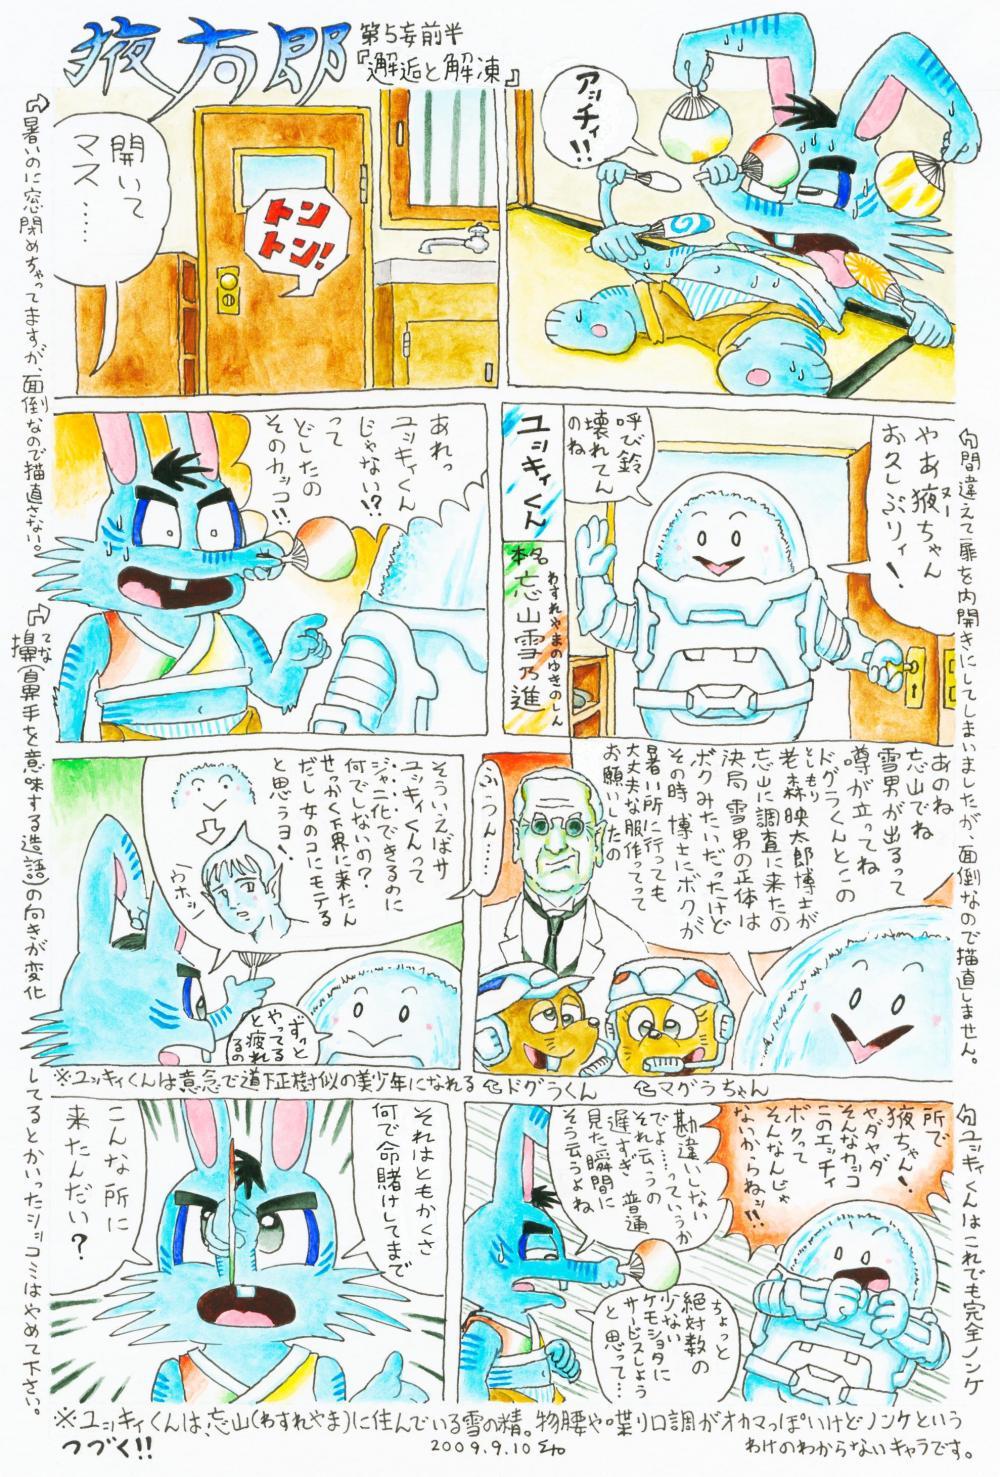 鬼目羅の犭夜太郎(鵺太郎)(5)前半 2009/9/10